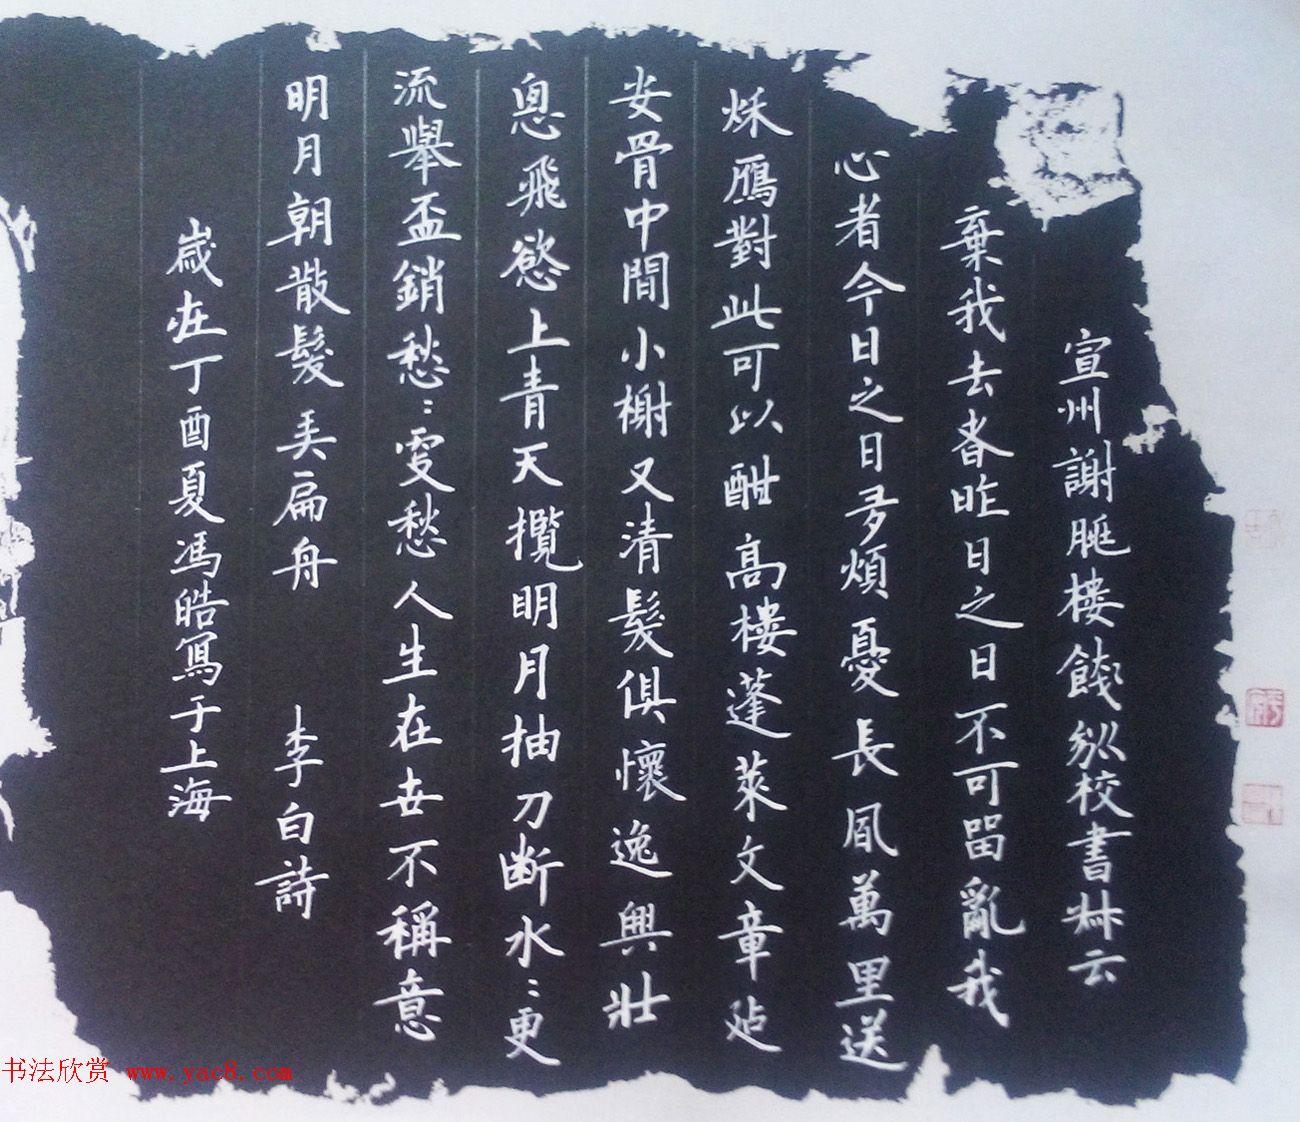 来稿选刊_冯皓硬笔楷书作品